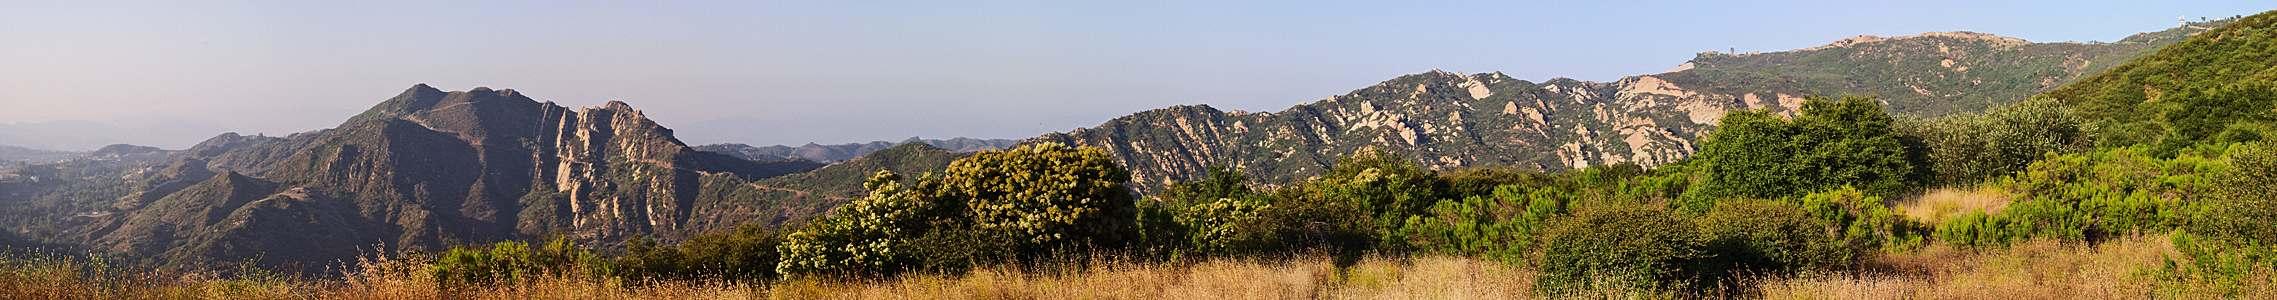 Mountains near Malibu